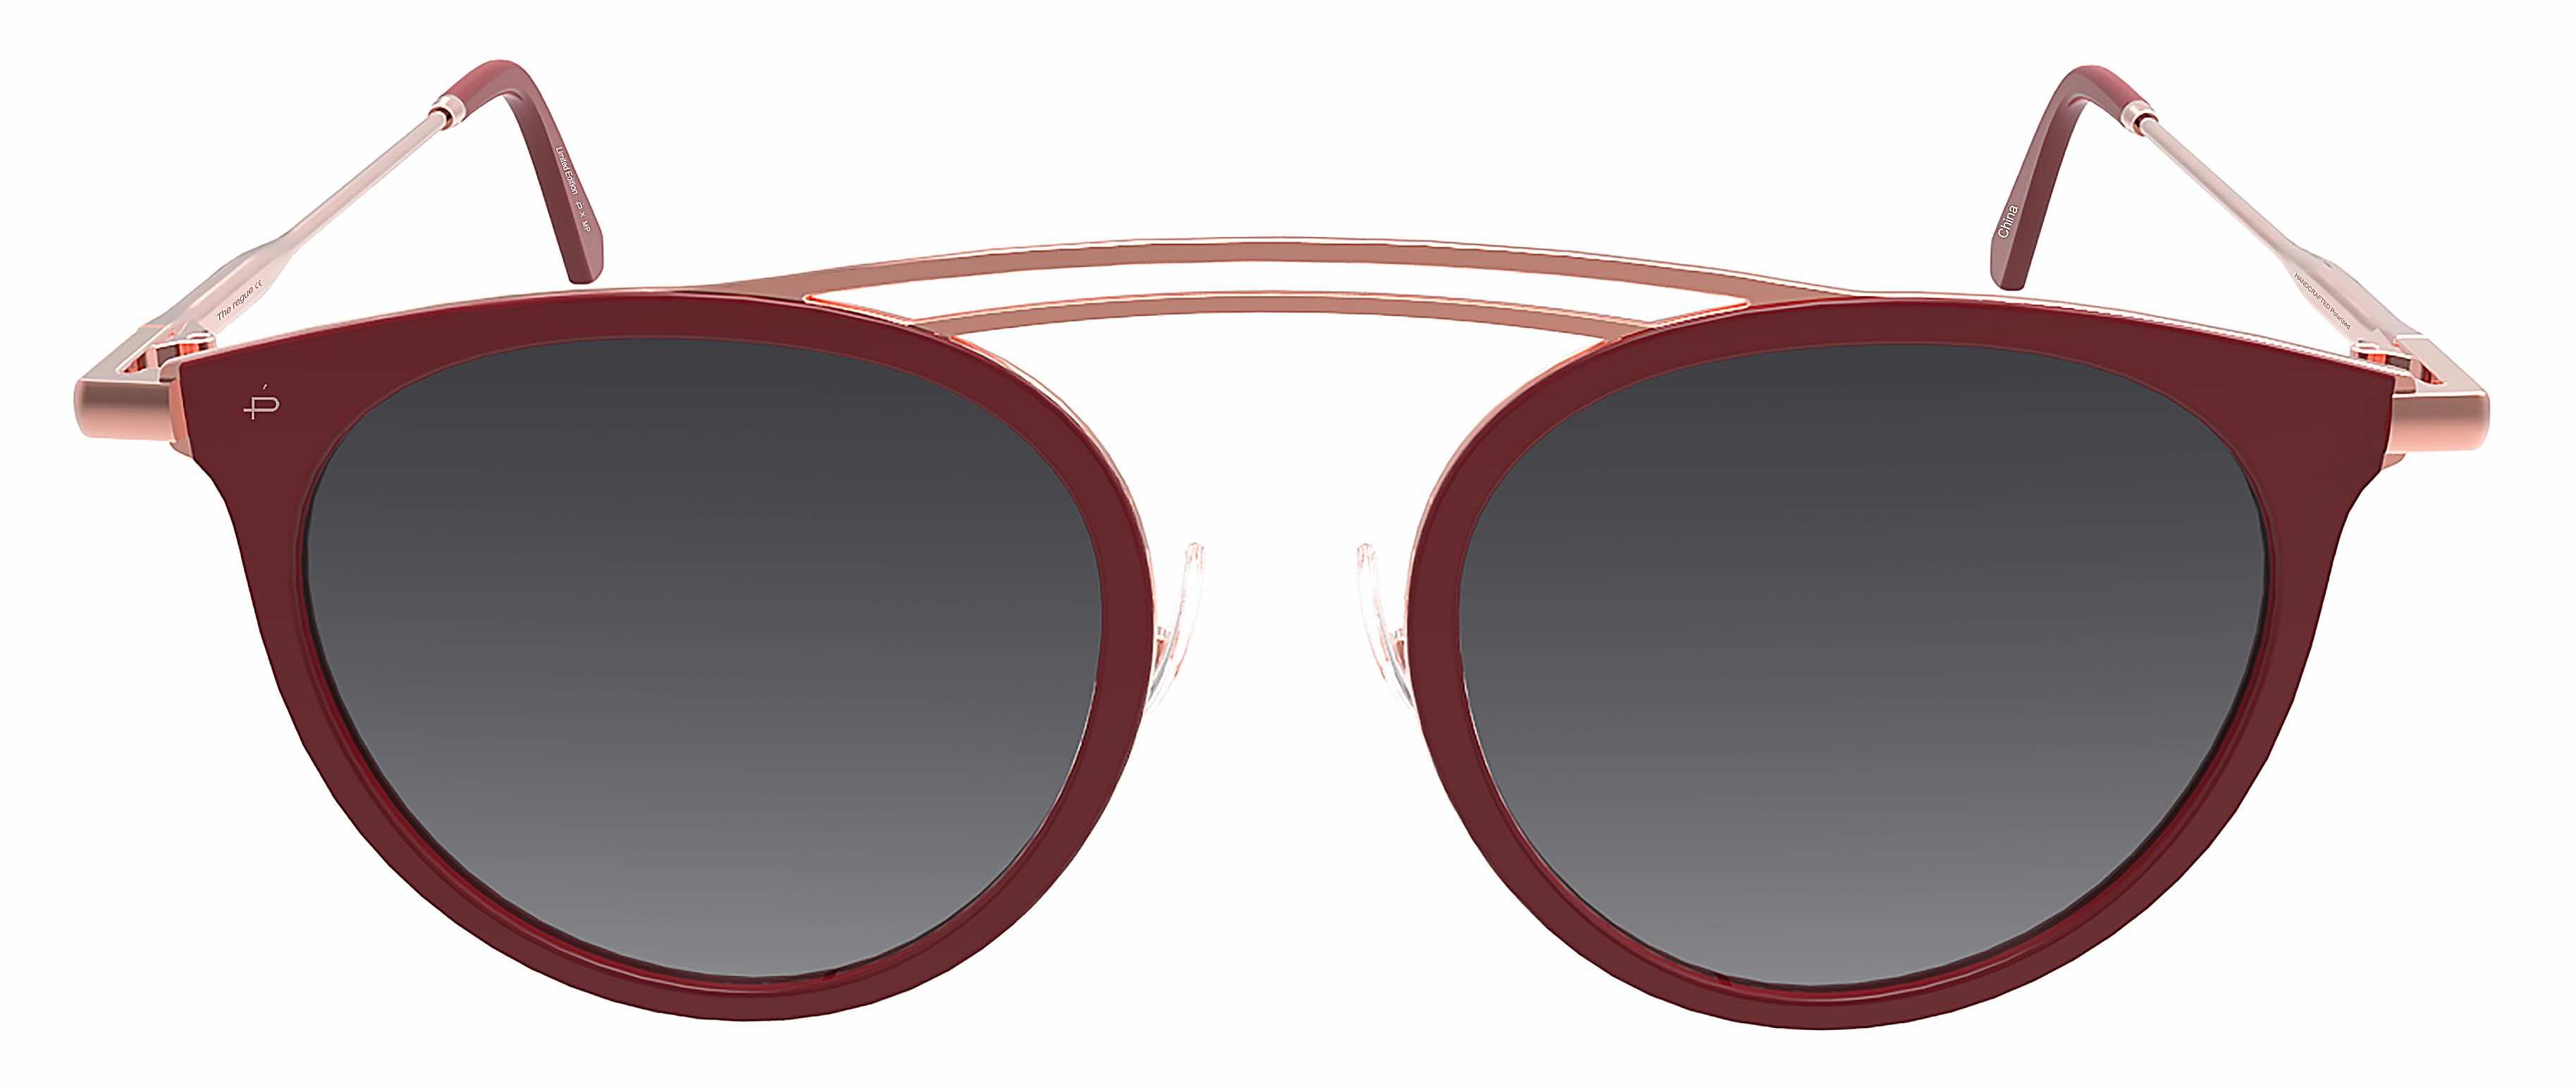 735d0888744dc5 Les lunettes de stars Privé Revaux à moins de 35 € débarquent en France  chez Krys